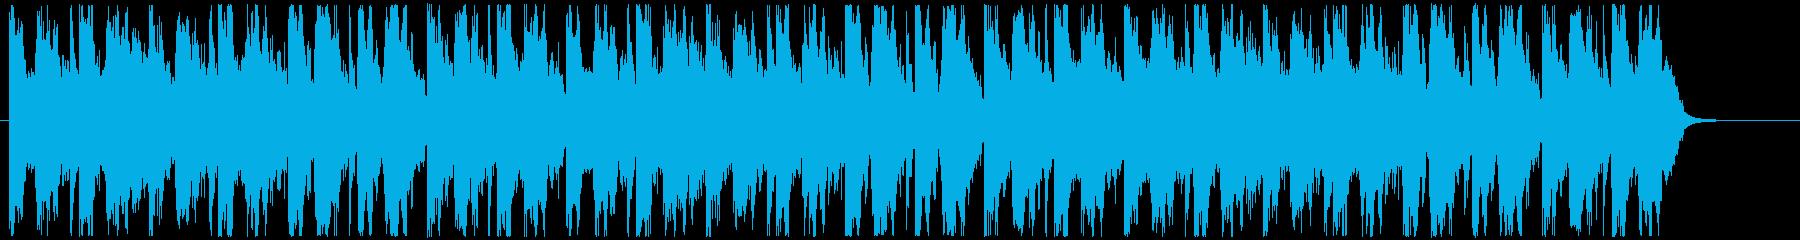 オープニング風ファンタジー系BGMの再生済みの波形